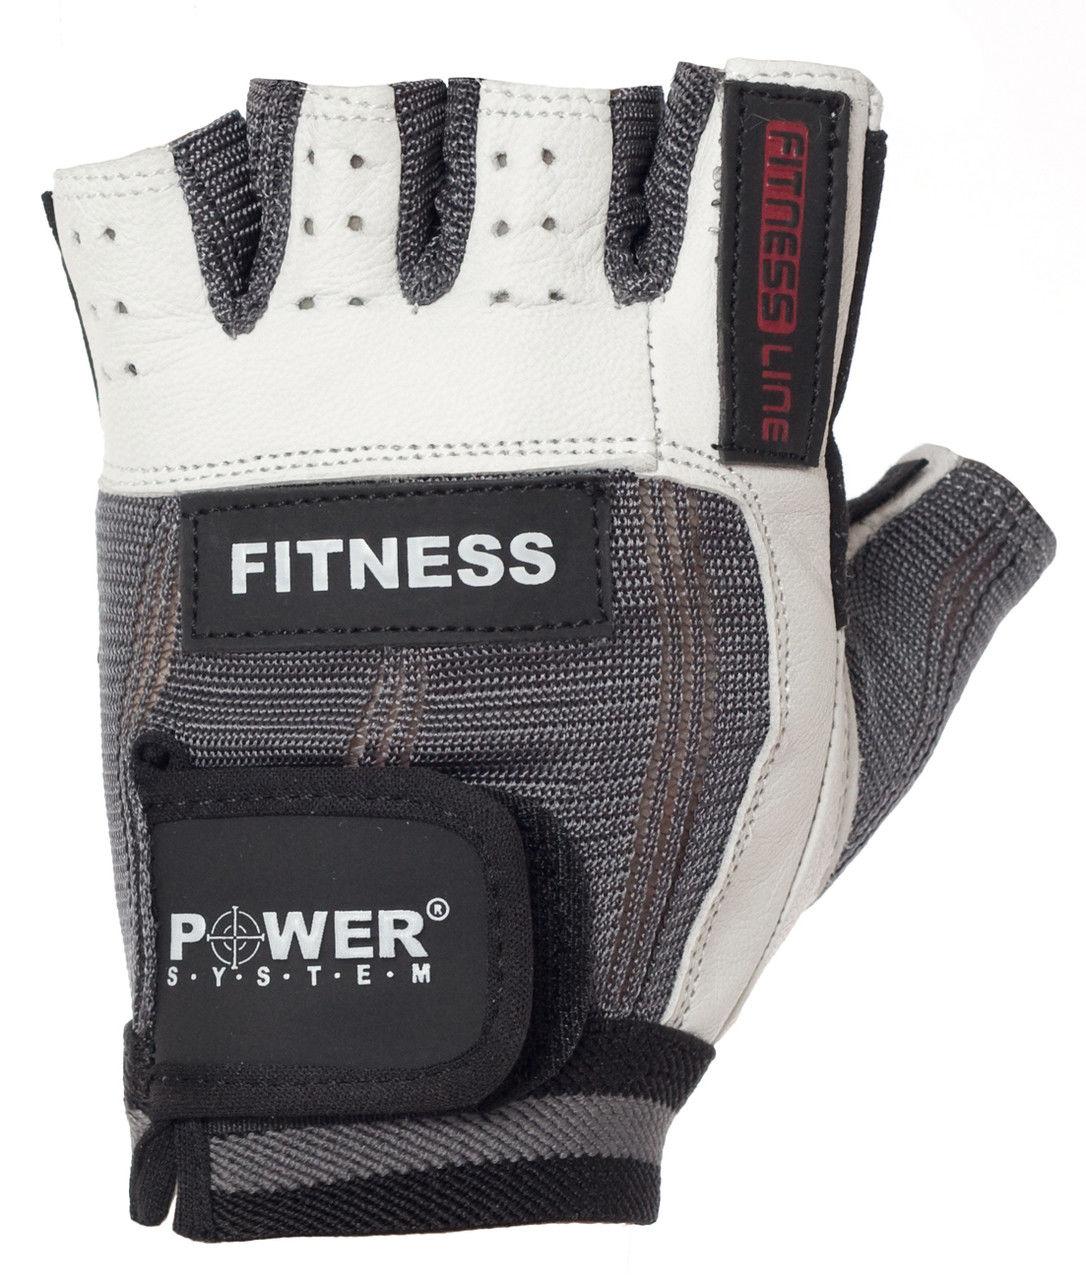 Перчатки Power System Fitness PS-2300 S, Серый фото видео изображение